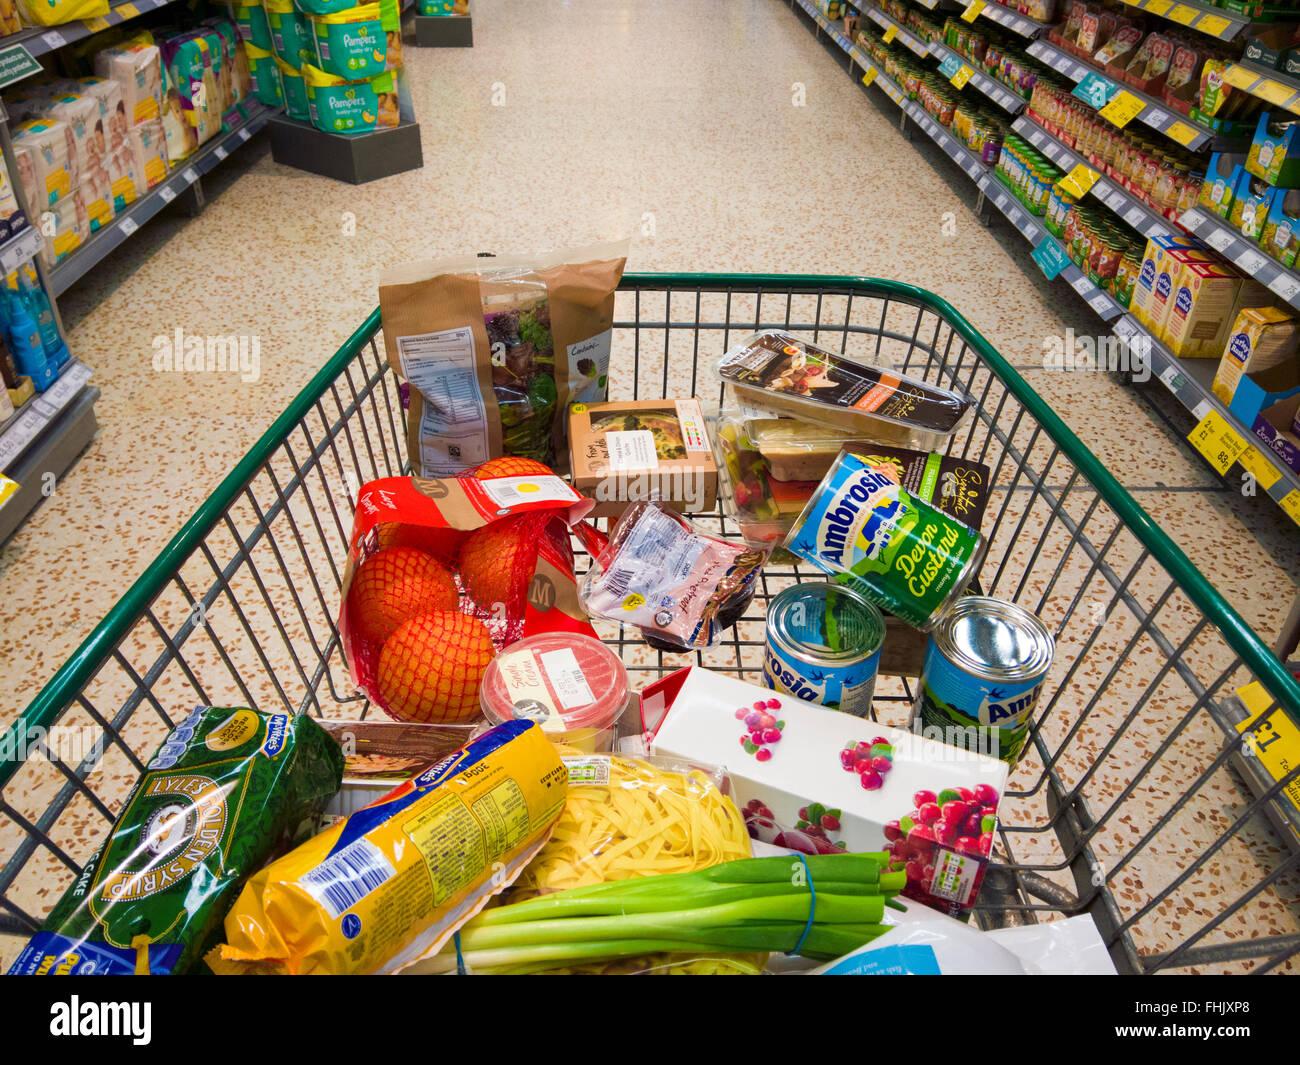 Carrito de compras con pasarela de comestibles en un supermercado. Foto de stock